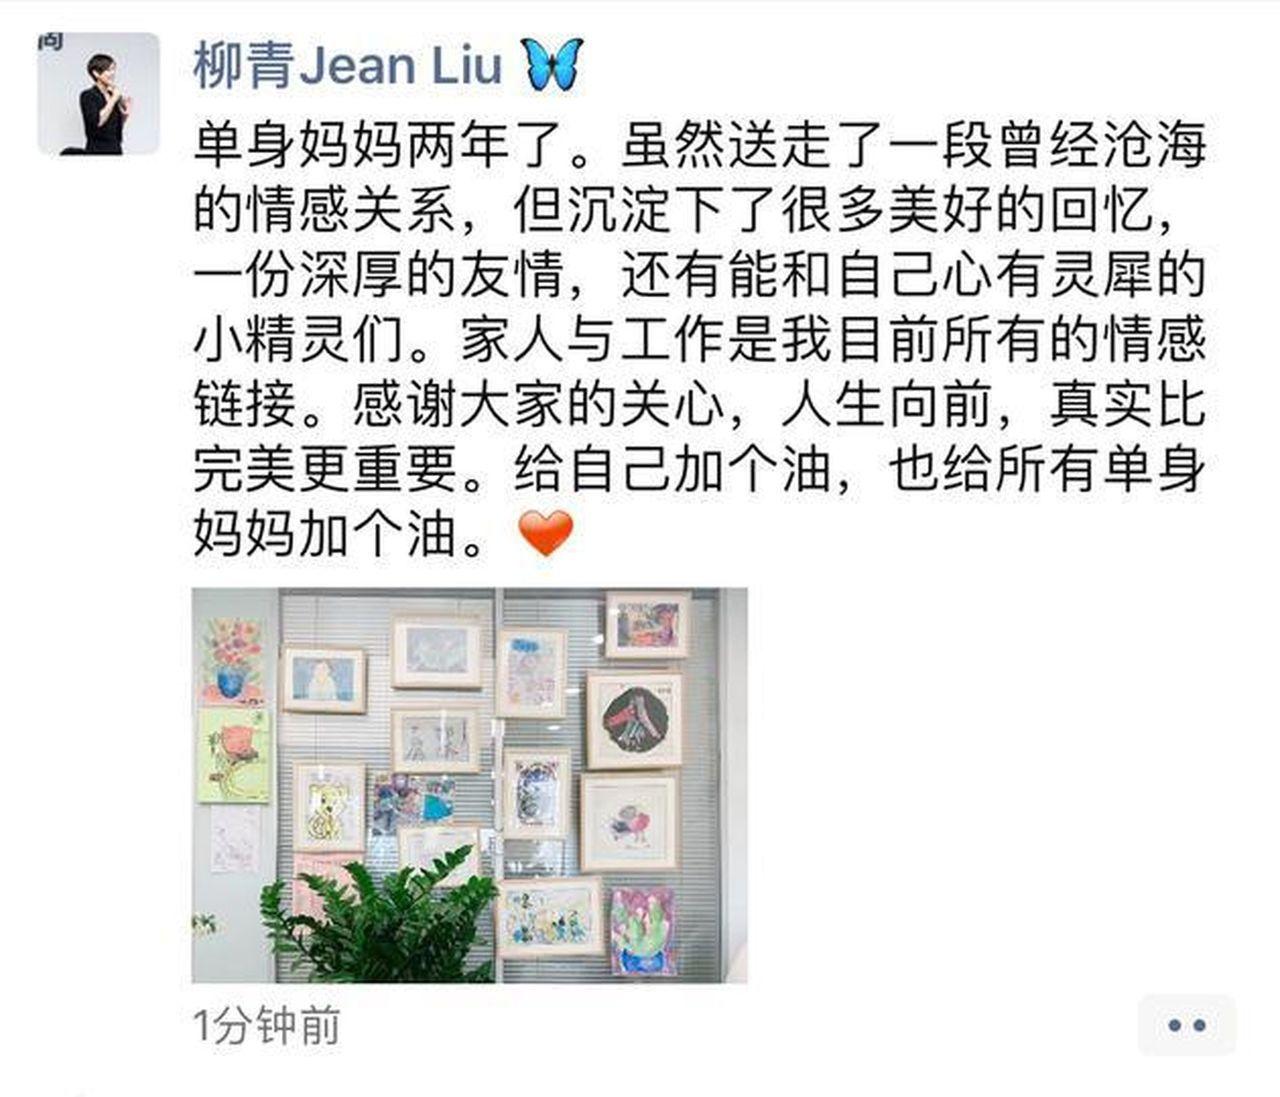 滴滴出行總裁柳青16日下午在個人朋友圈透露,自己已經離婚兩年。 (取材自柳青微博...